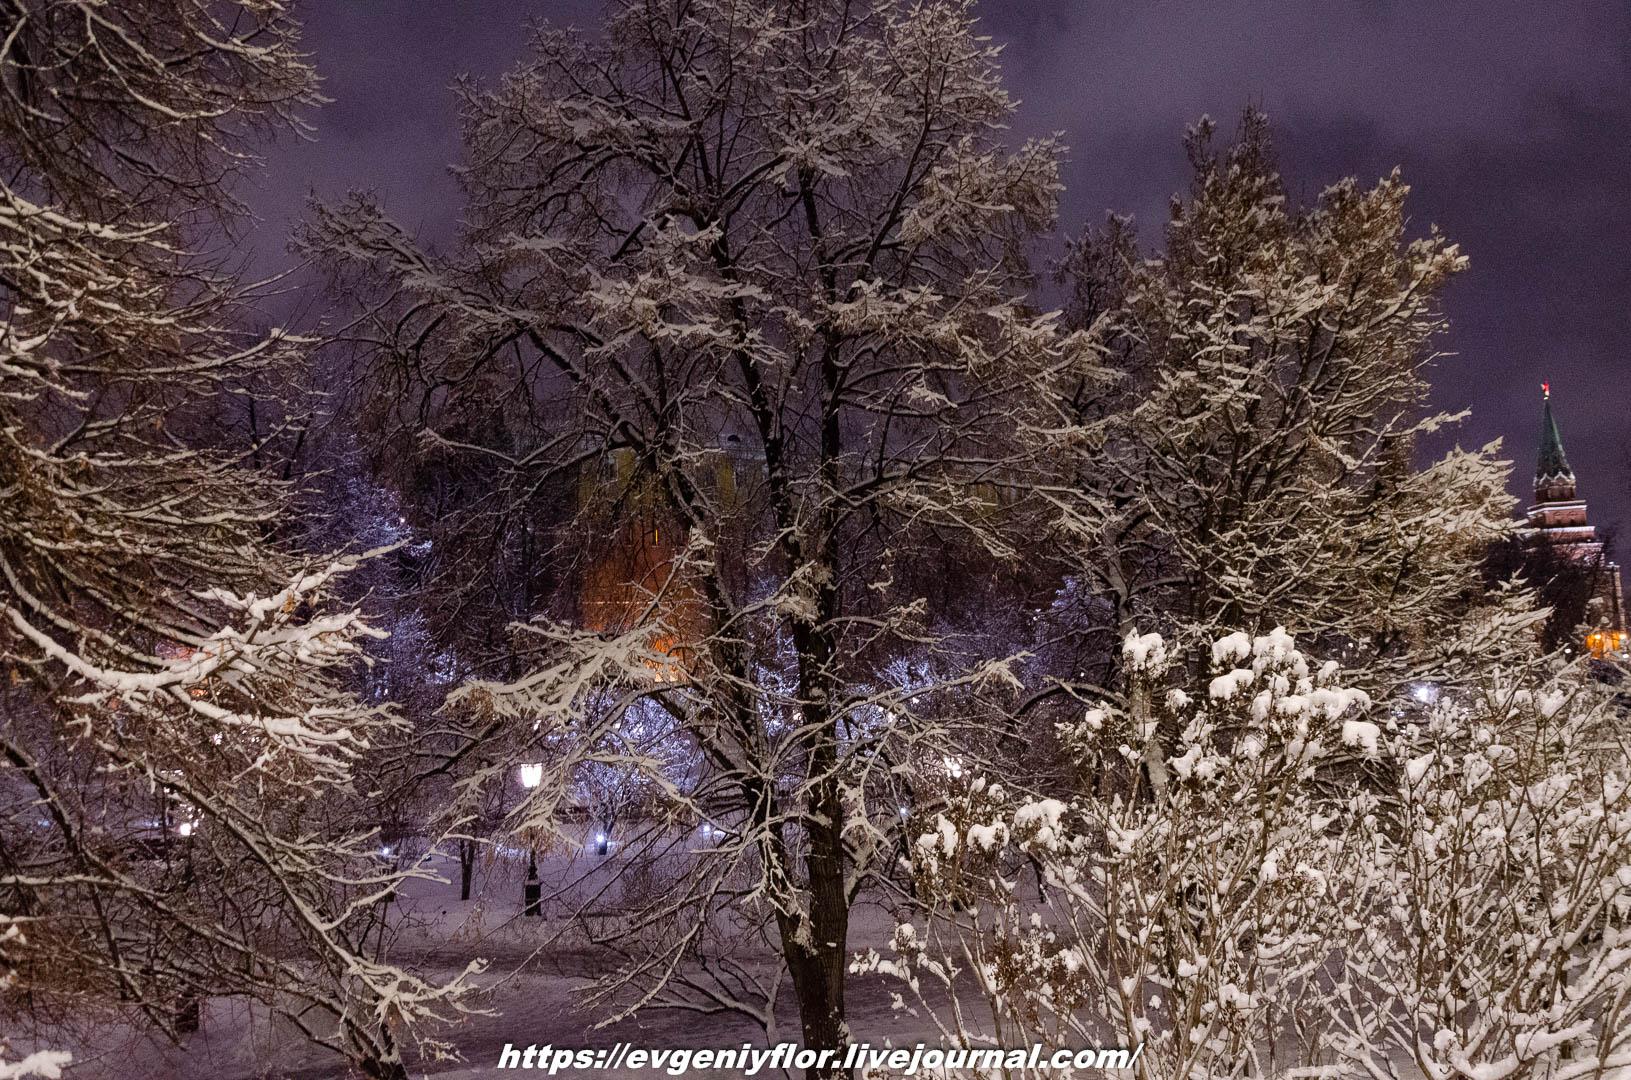 Вечерняя прогулка после снегопада    13 02 - 2019 Среда !Новая папка (2)6796.jpg